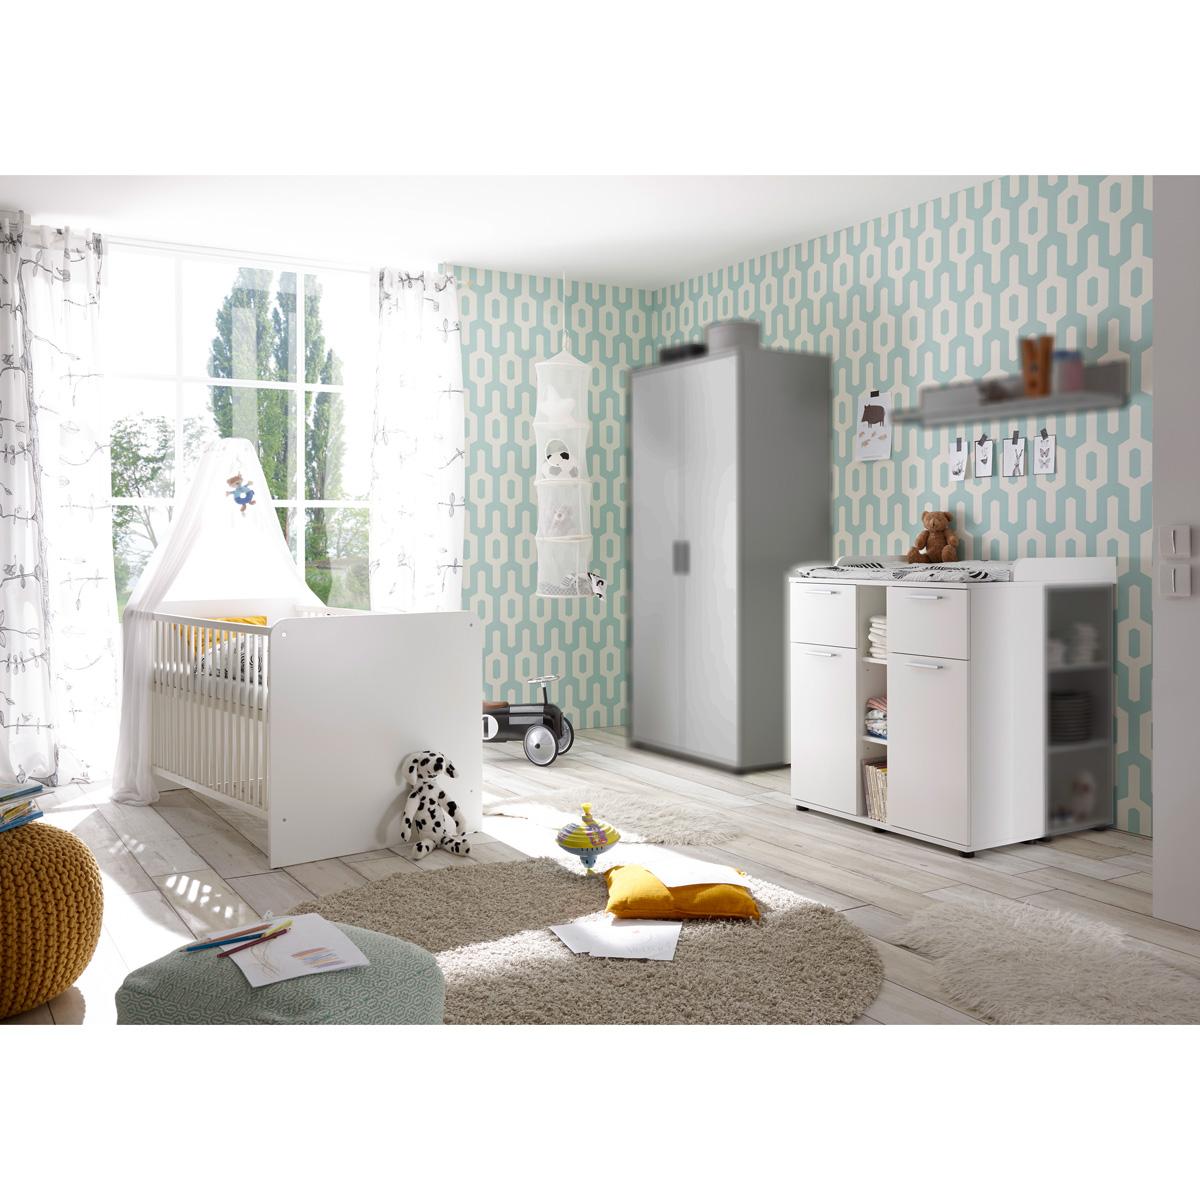 Babyzimmer Bibo Kinderzimmer Set Schrank Bett Kommode Regal in weiß ...